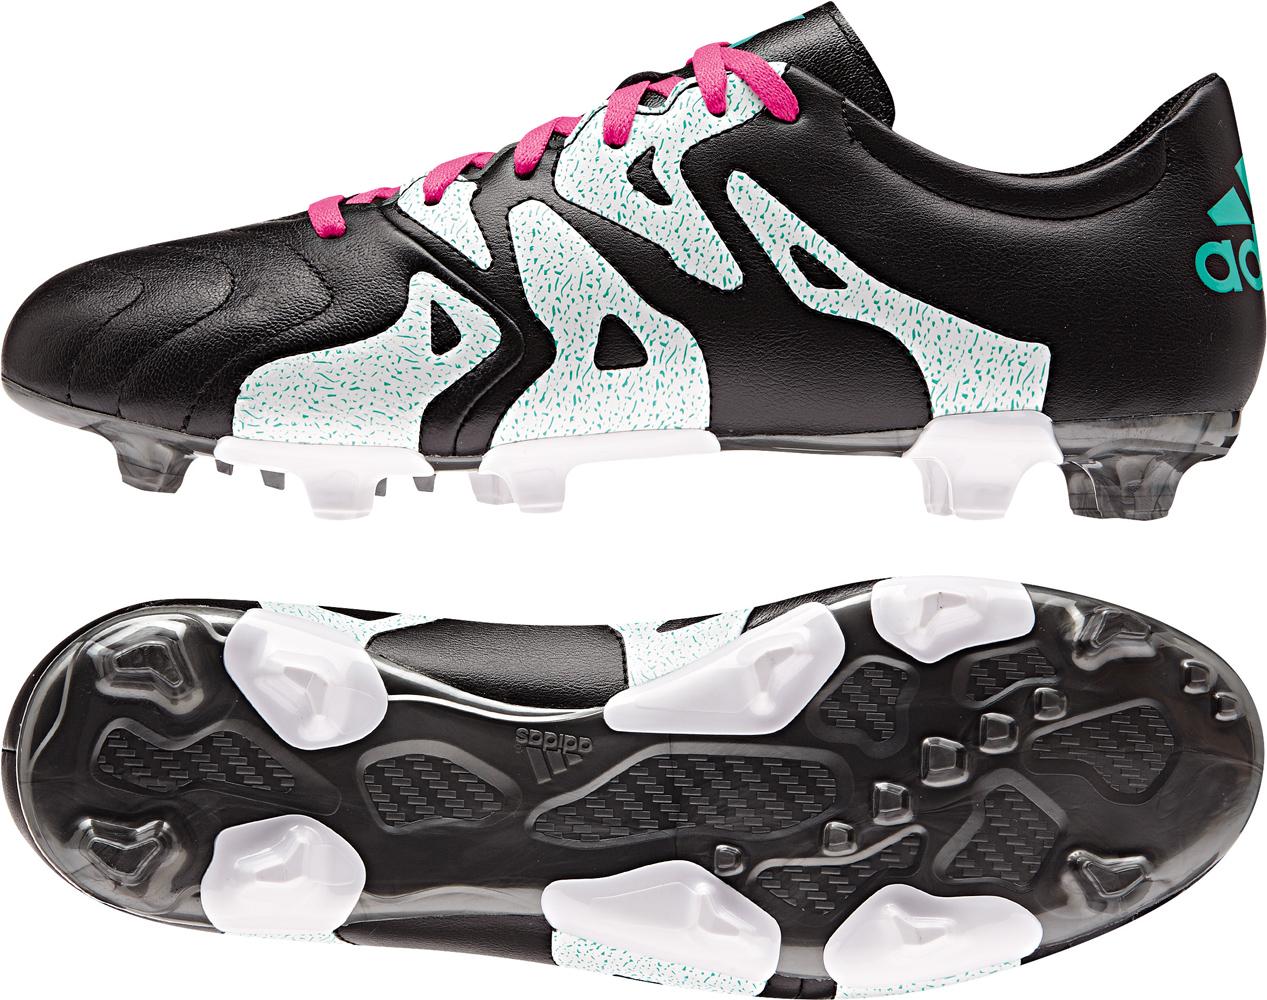 Herren Fußballschuhe X 15.3 FG/AG Leather